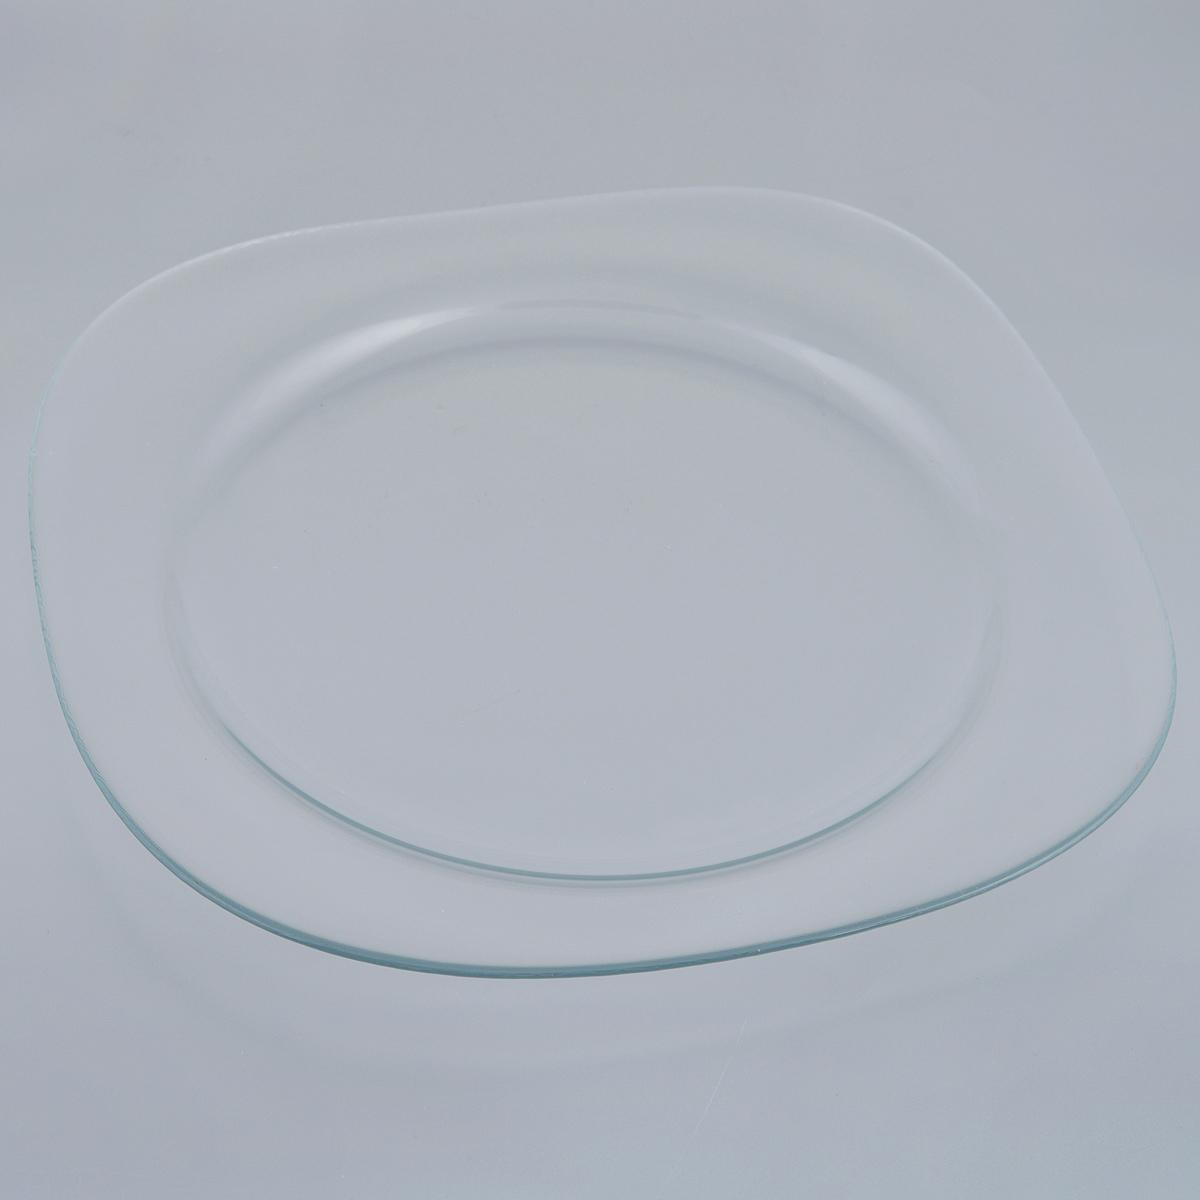 Блюдо Pasabahce Invitation, 31 х 31 см115610Блюдо Pasabahce Invitation изготовлено из прочного закаленного натрий-кальций-силикатного стекла. Изделие имеет квадратную форму с закругленными углами. Изящное блюдо прекрасно подходит для подачи тортов, пирогов и другой выпечки, а также различных закусок и нарезок. Такое блюдо красиво оформит праздничный стол и удивит вас лаконичным и стильным дизайном. Можно мыть в посудомоечной машине.Размер блюда: 31 см х 31 см.Высота блюда: 2 см.